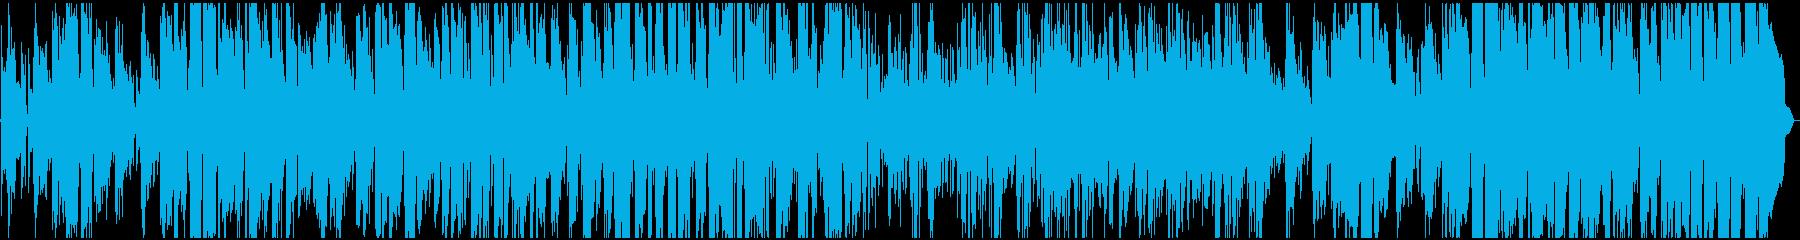 スムースジャズ、感傷的なムード、ロ...の再生済みの波形